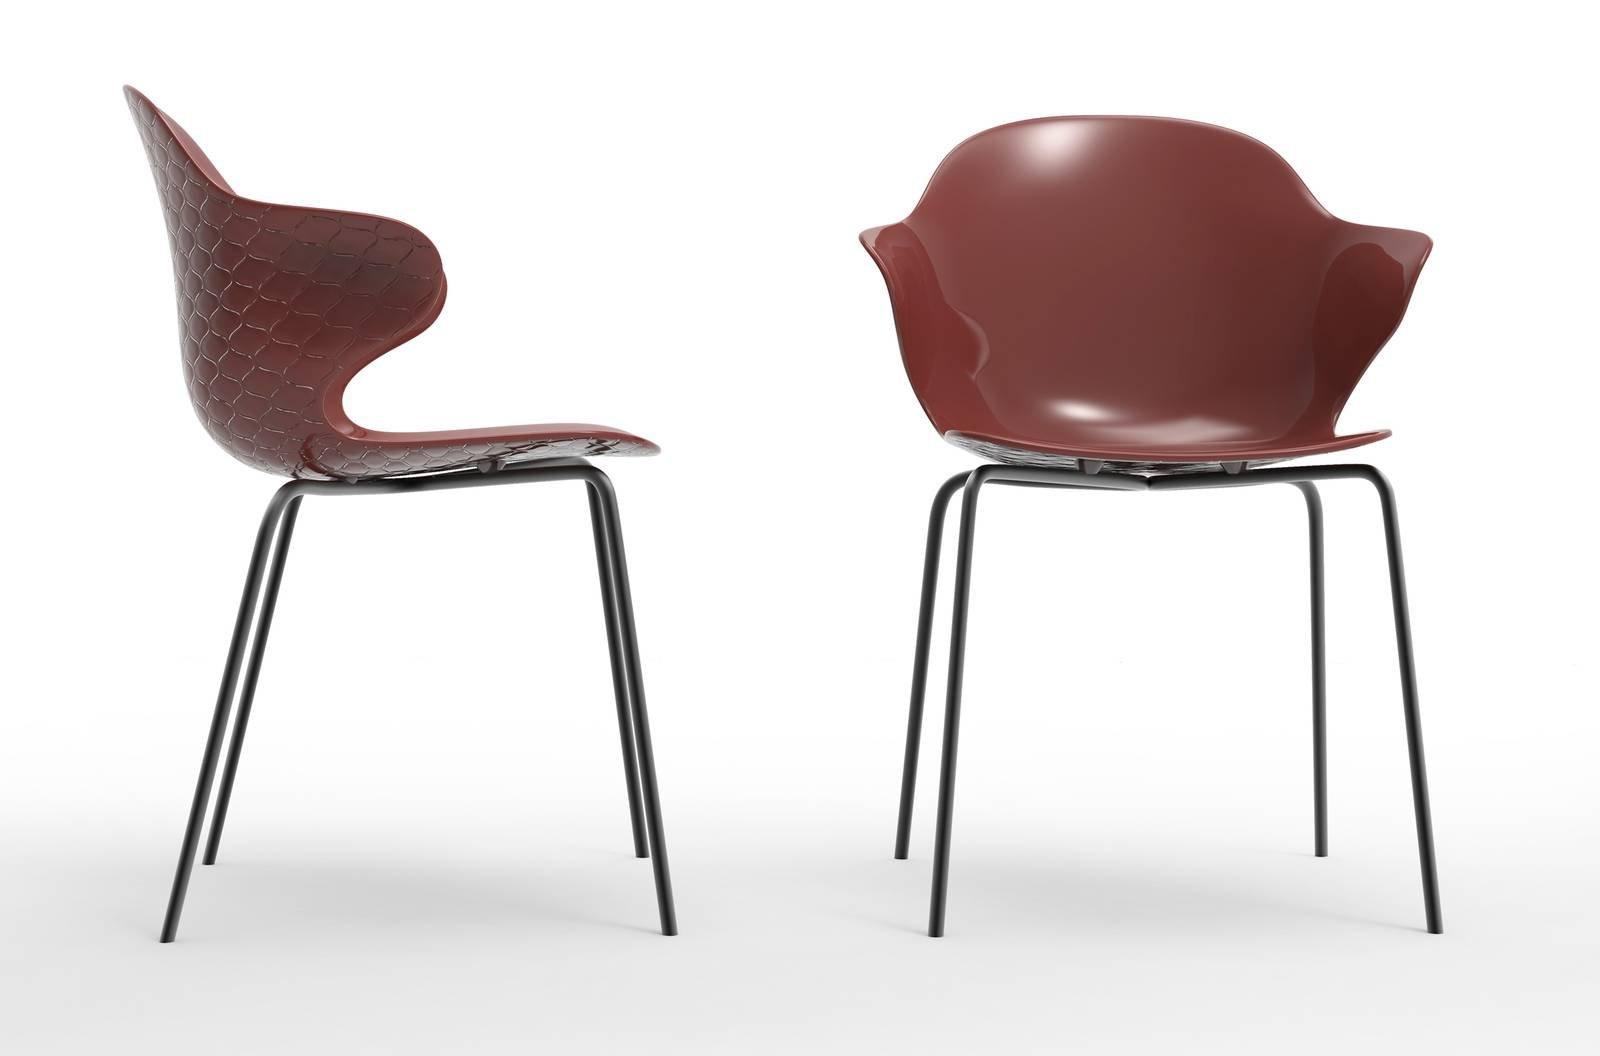 Le nuove sedie e poltroncine al salone del mobile 2017 for Rivestimento sedie